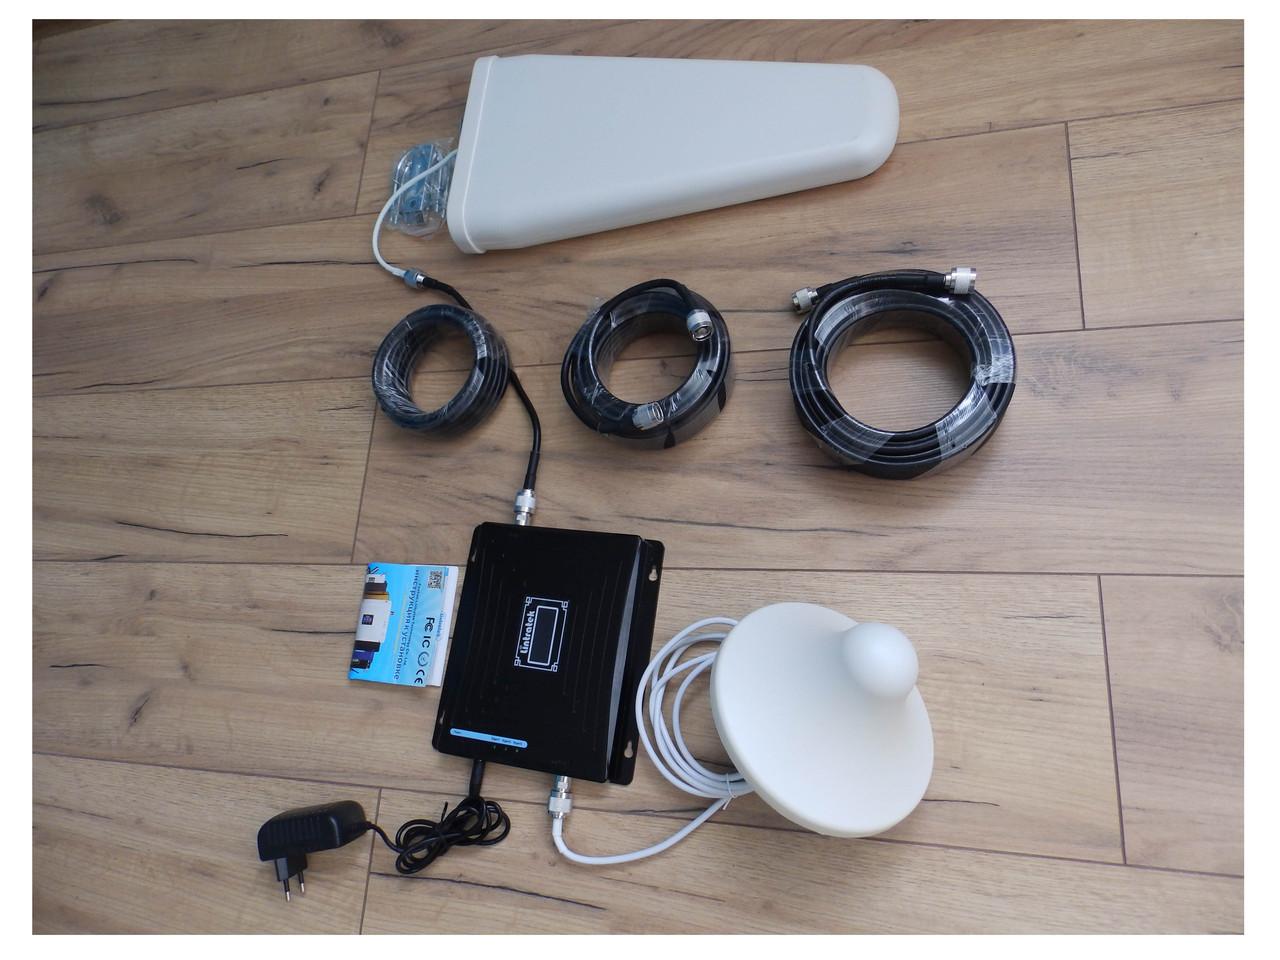 Усилитель сигнала Мобильной связи Репитер Repeater GSM 900 МГц, DCS 1800 МГц, 4g / 4G интернета 1800 МГц